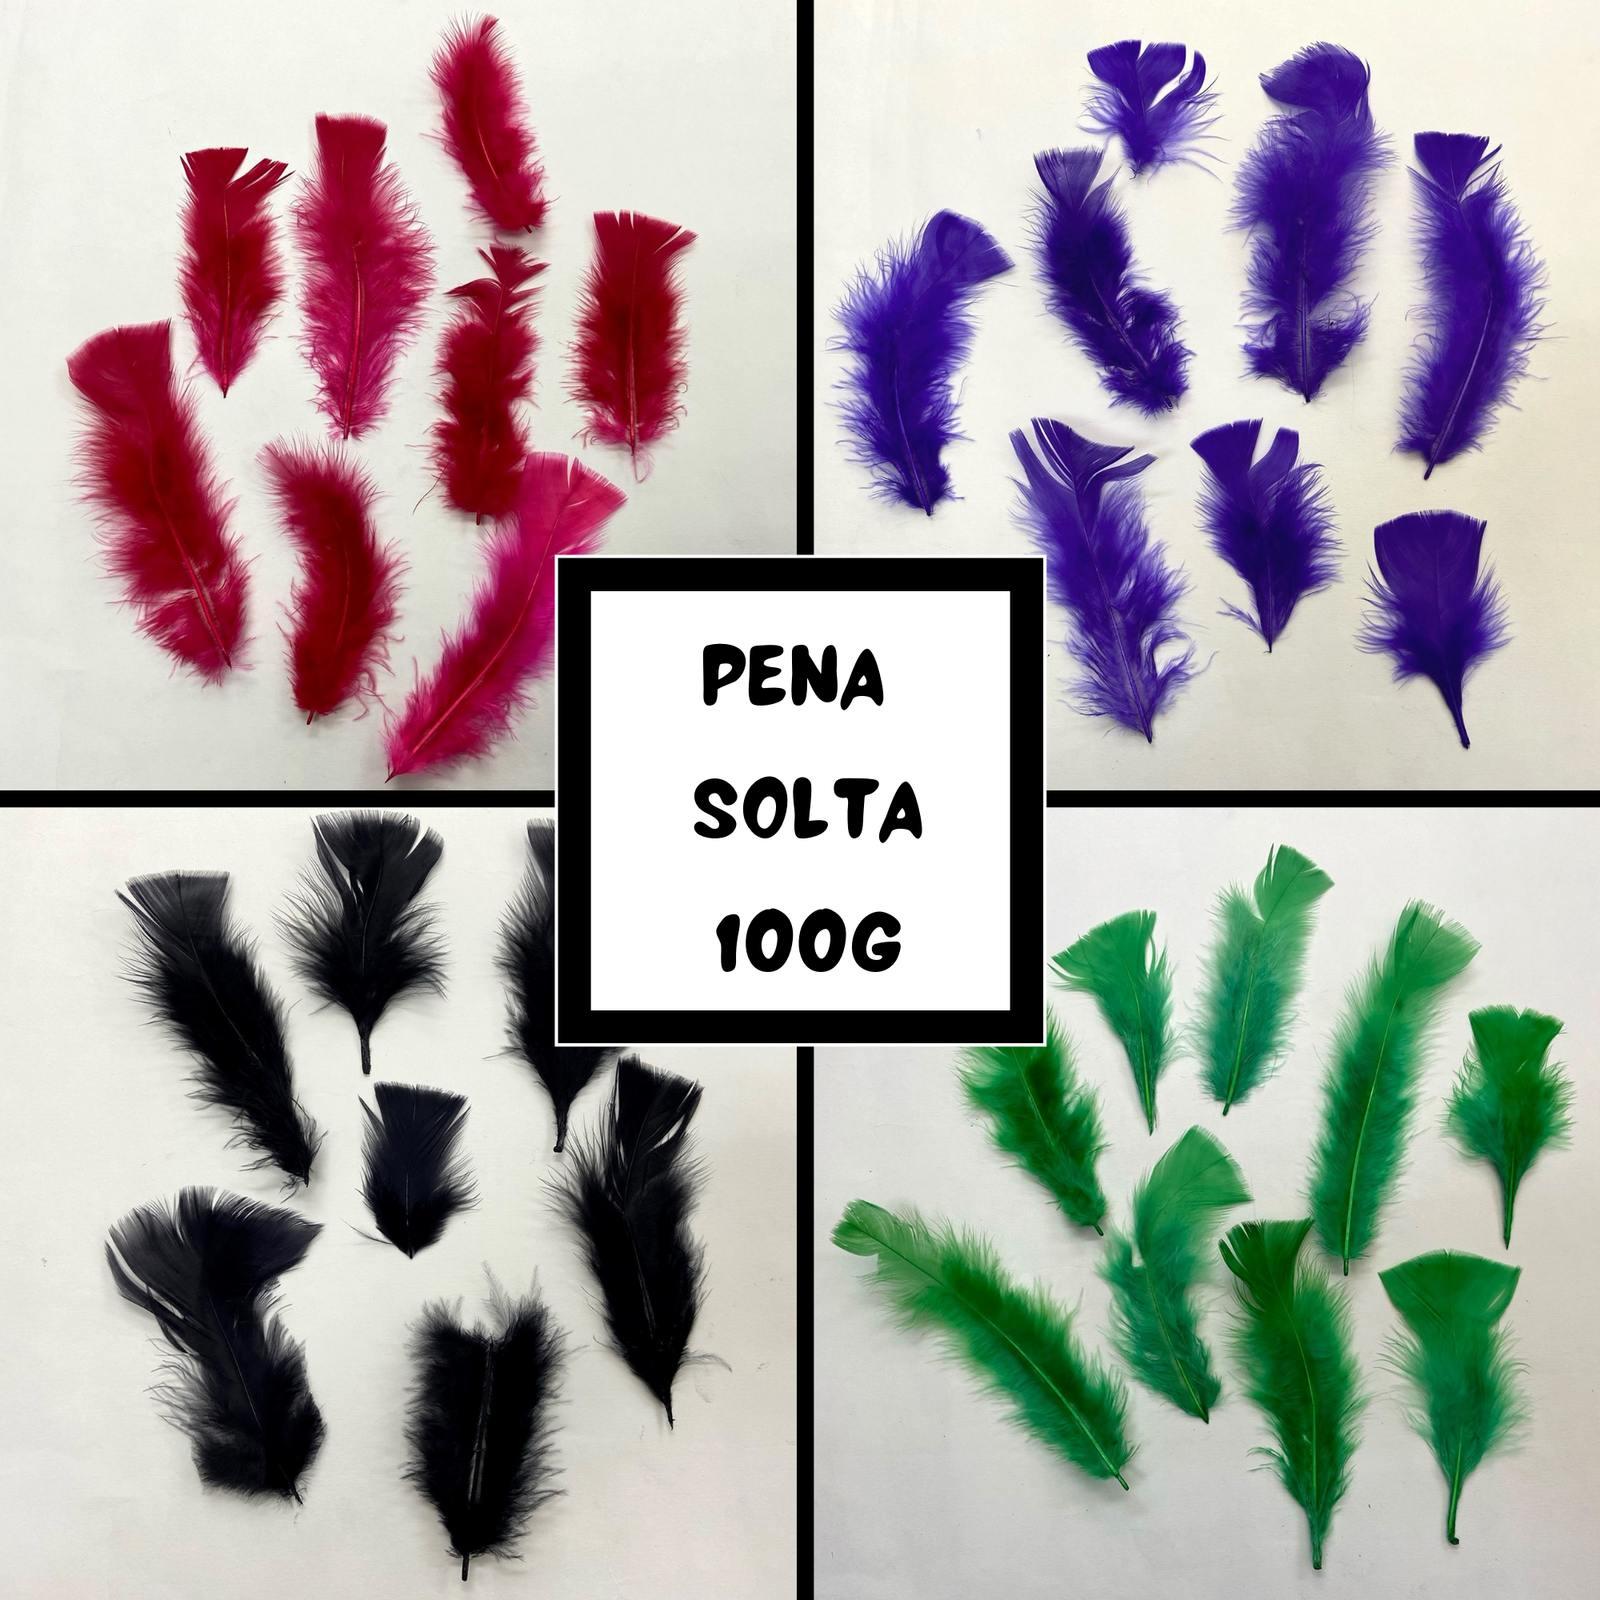 Pena Solta - 100 gramas